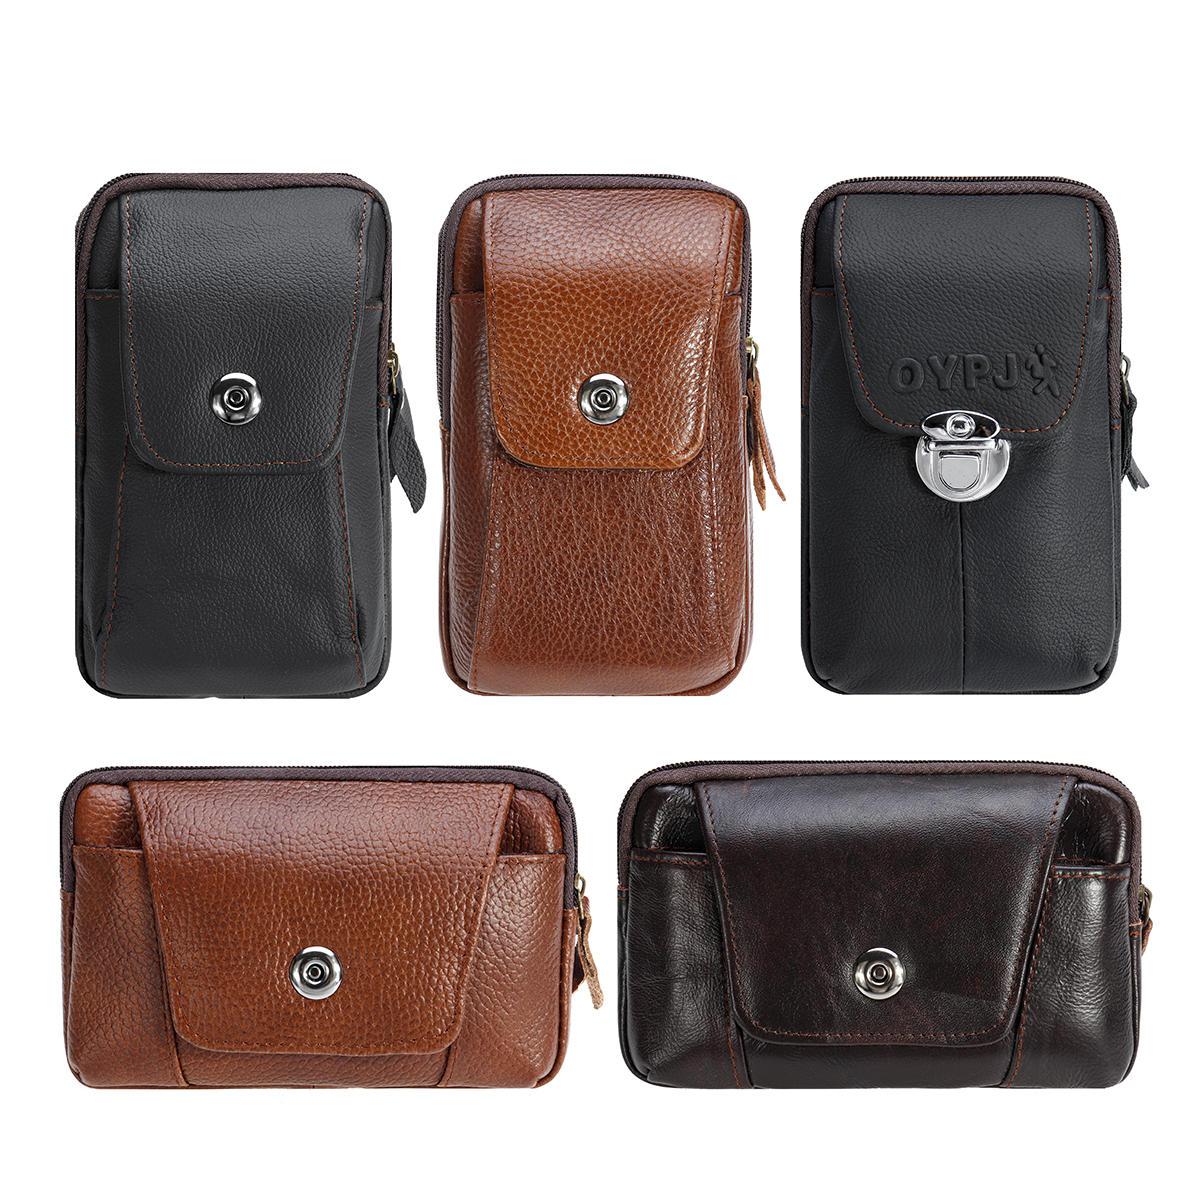 चमड़ा जिपर बेल्ट पाउच बैग विंटेज फोन सामरिक कमर बैग भंडारण धारक पैक